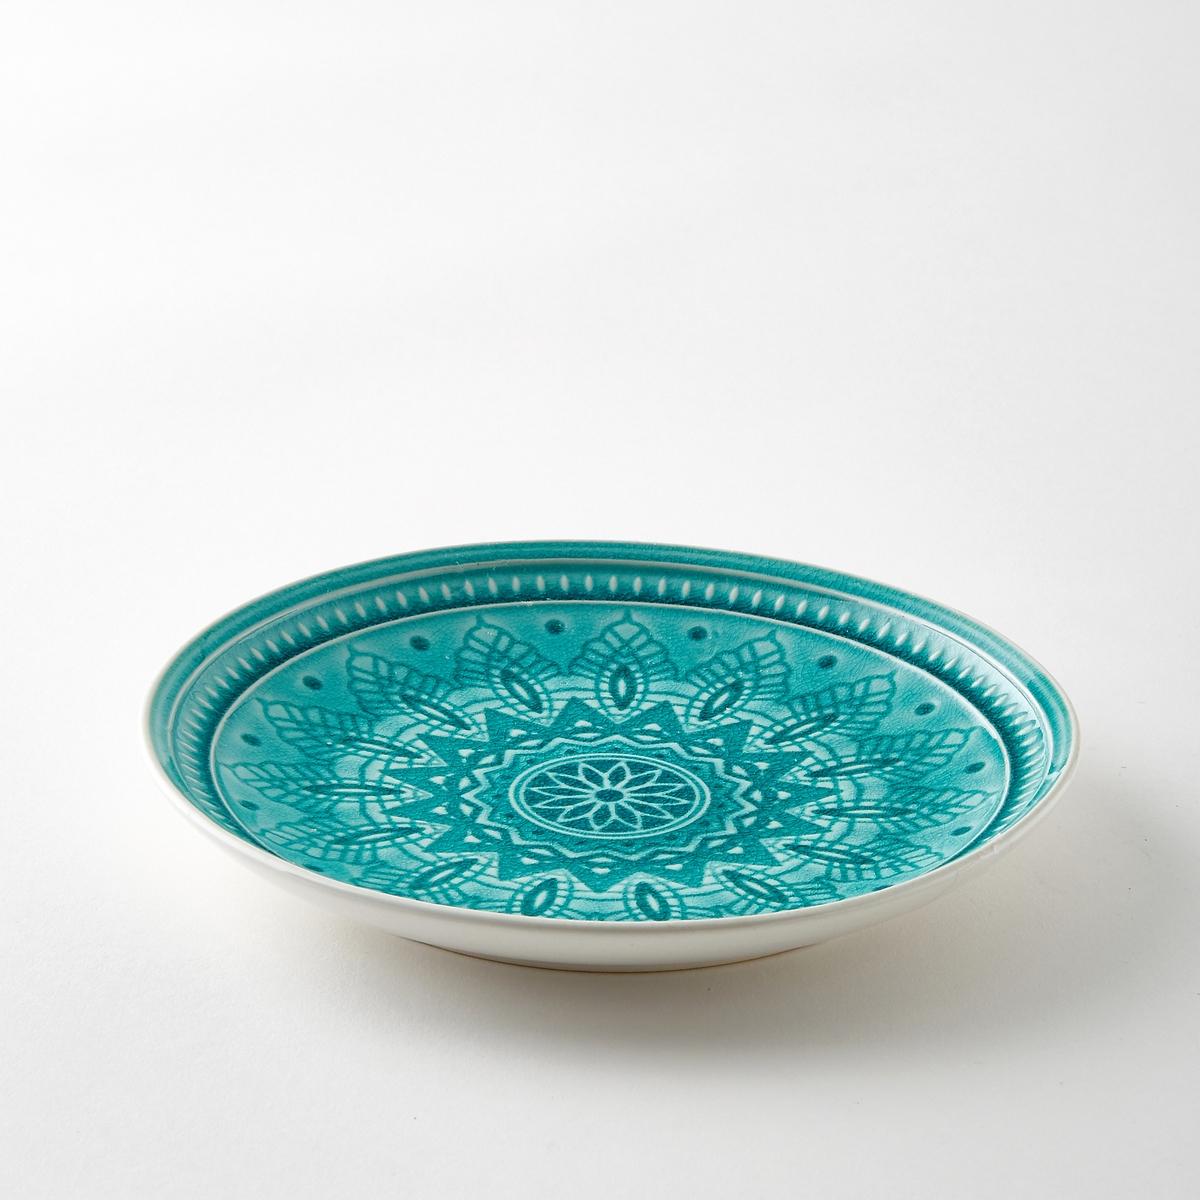 Комплект из 4 тарелок из керамики Nicolosi4 десертных тарелки Nicolosi. Из керамики с трещинами глазури. Рельефный рисунок. Подходит для посудомоечных машин. Размеры : диаметр 20,5 x высота 2,5 см.<br><br>Цвет: бирюзовый,серый